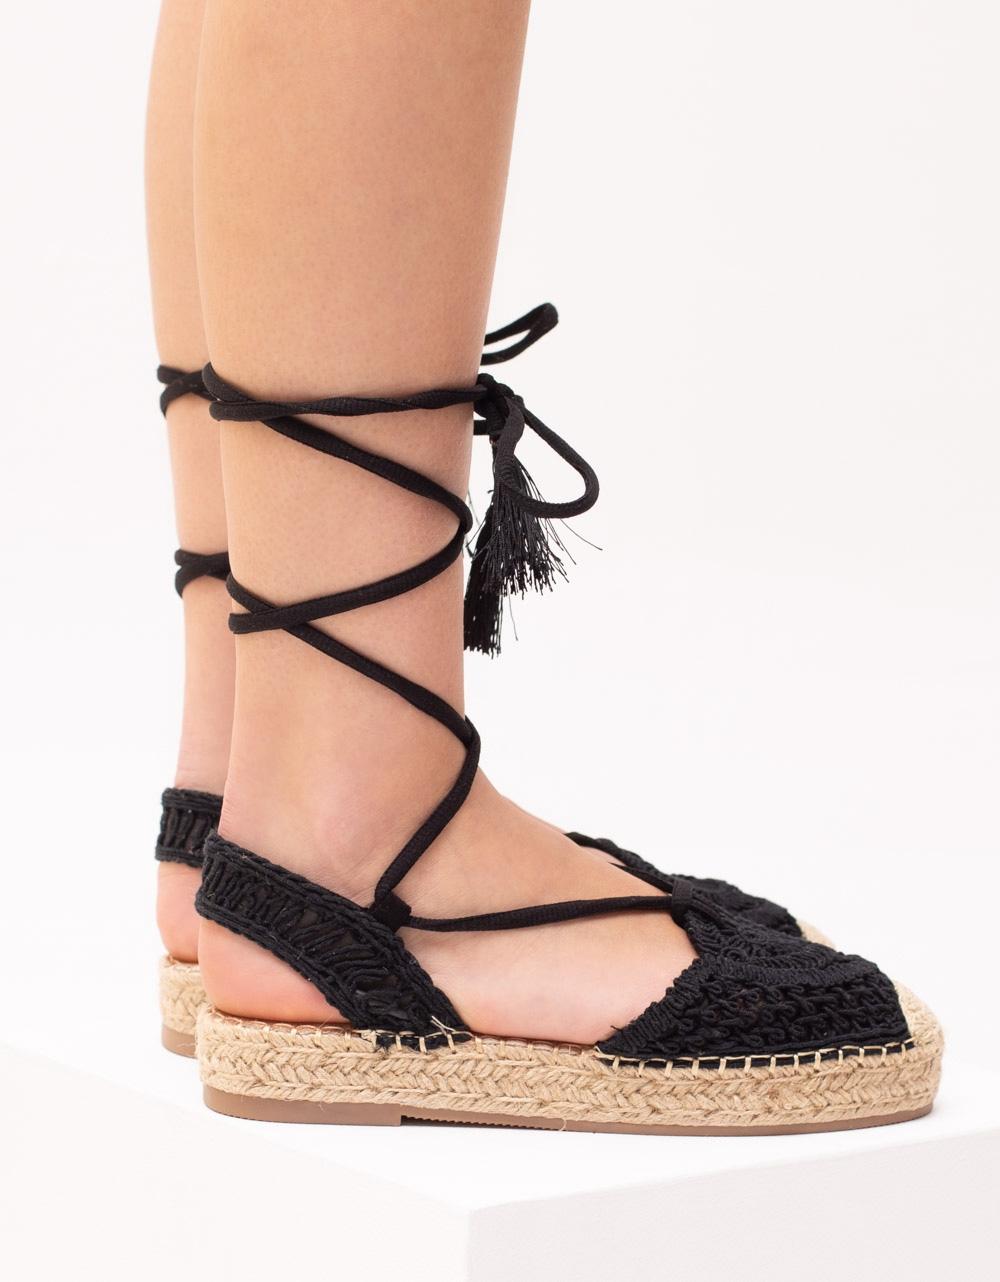 Εικόνα από Γυναικείες εσπαντρίγιες lace up με πλεκτό σχέδιο Μαύρο